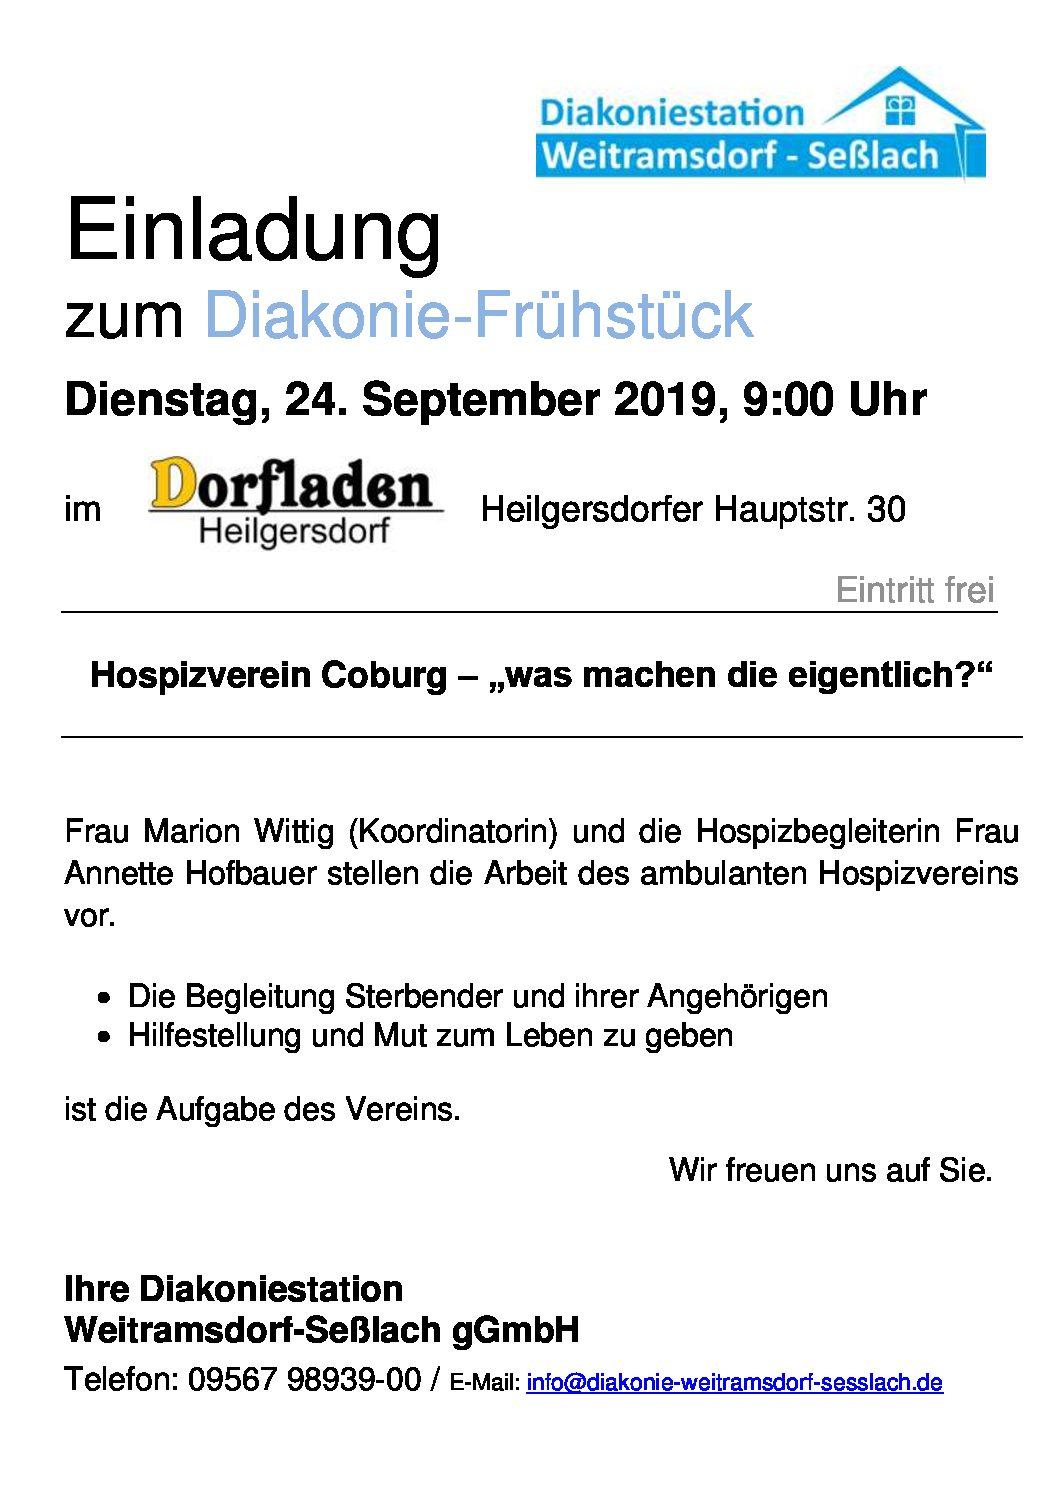 Neue Veranstaltung im Dorfladen Heilgersdorf – Diakonie-Frühstück- für alle Ausgeschlafenen